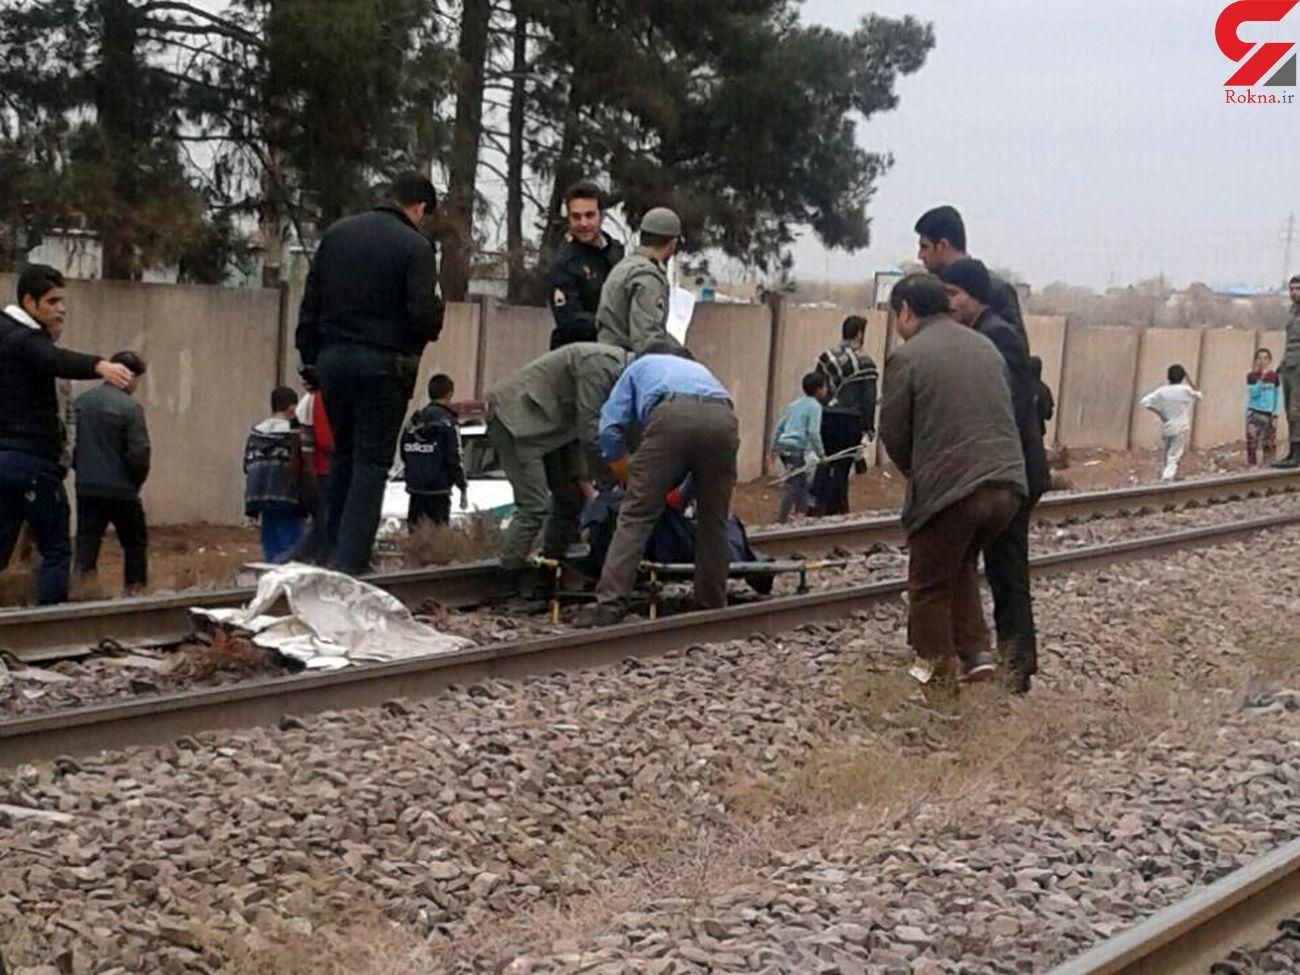 قطار دختر نوجوان تهرانی را له کرد / ساعتی پیش رخ داد + عکس